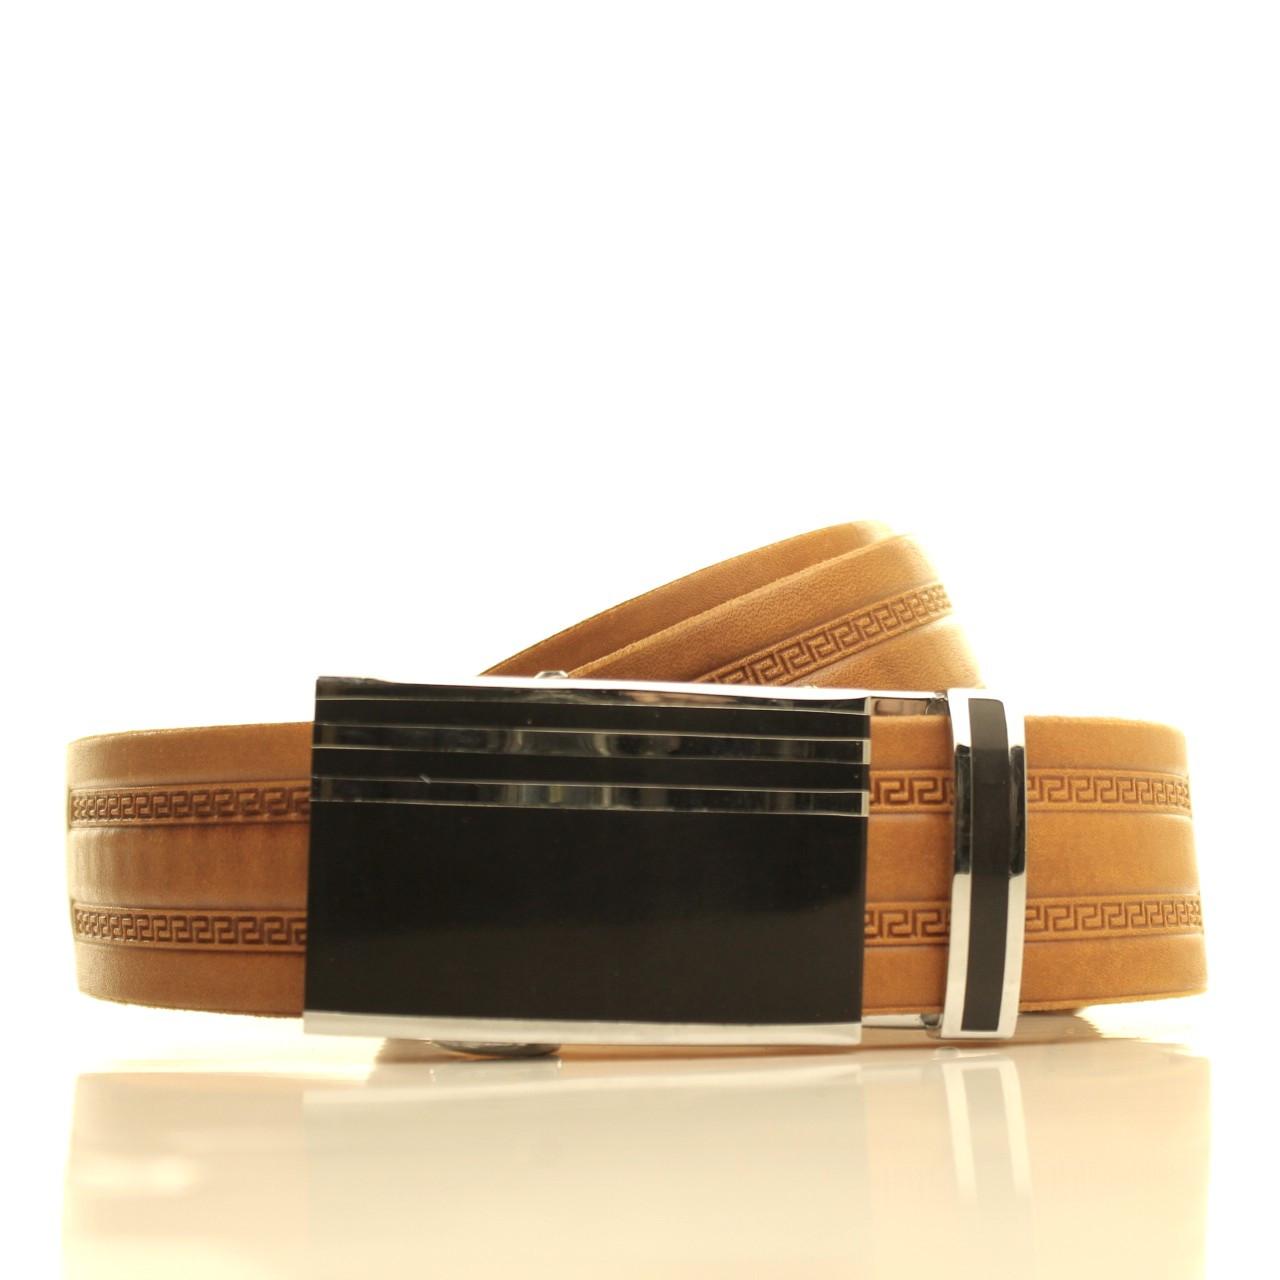 Ремень кожаный Lazar 105-115 см рыжий l35u1a143